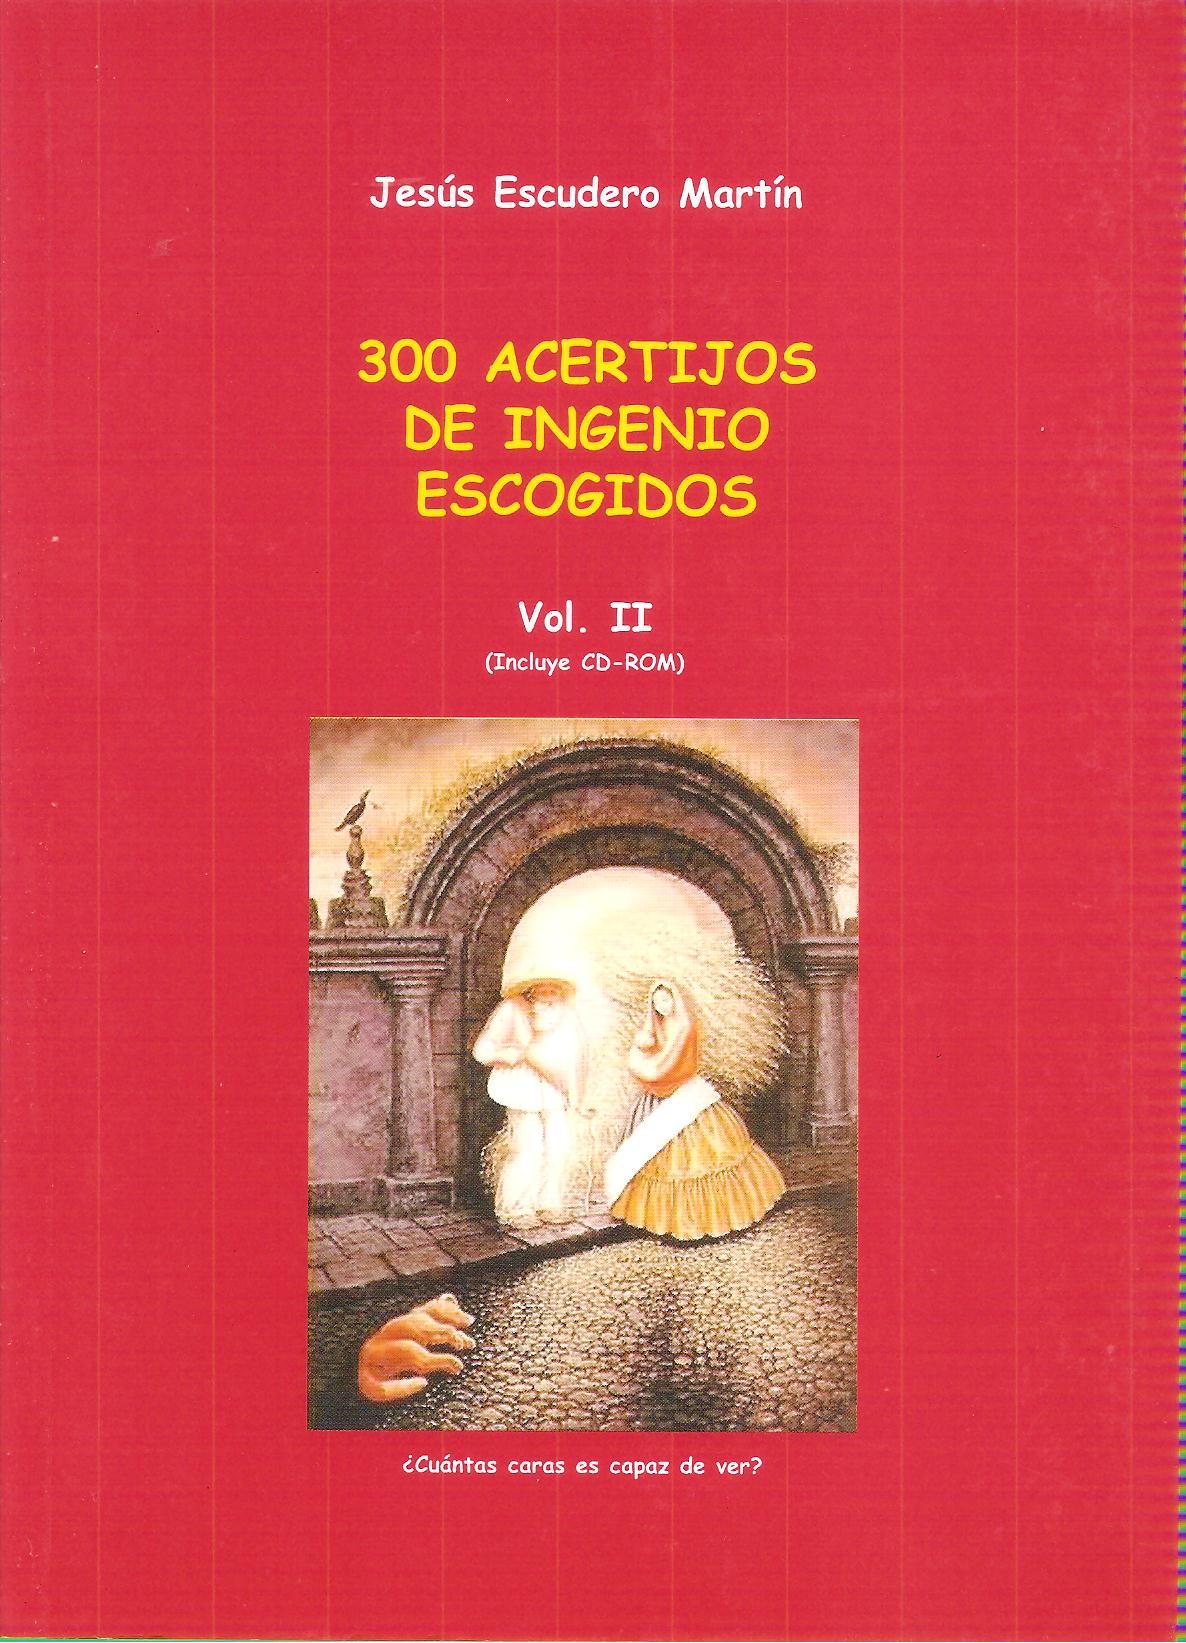 300 acertijos de ingenio escogidos, Vol.2